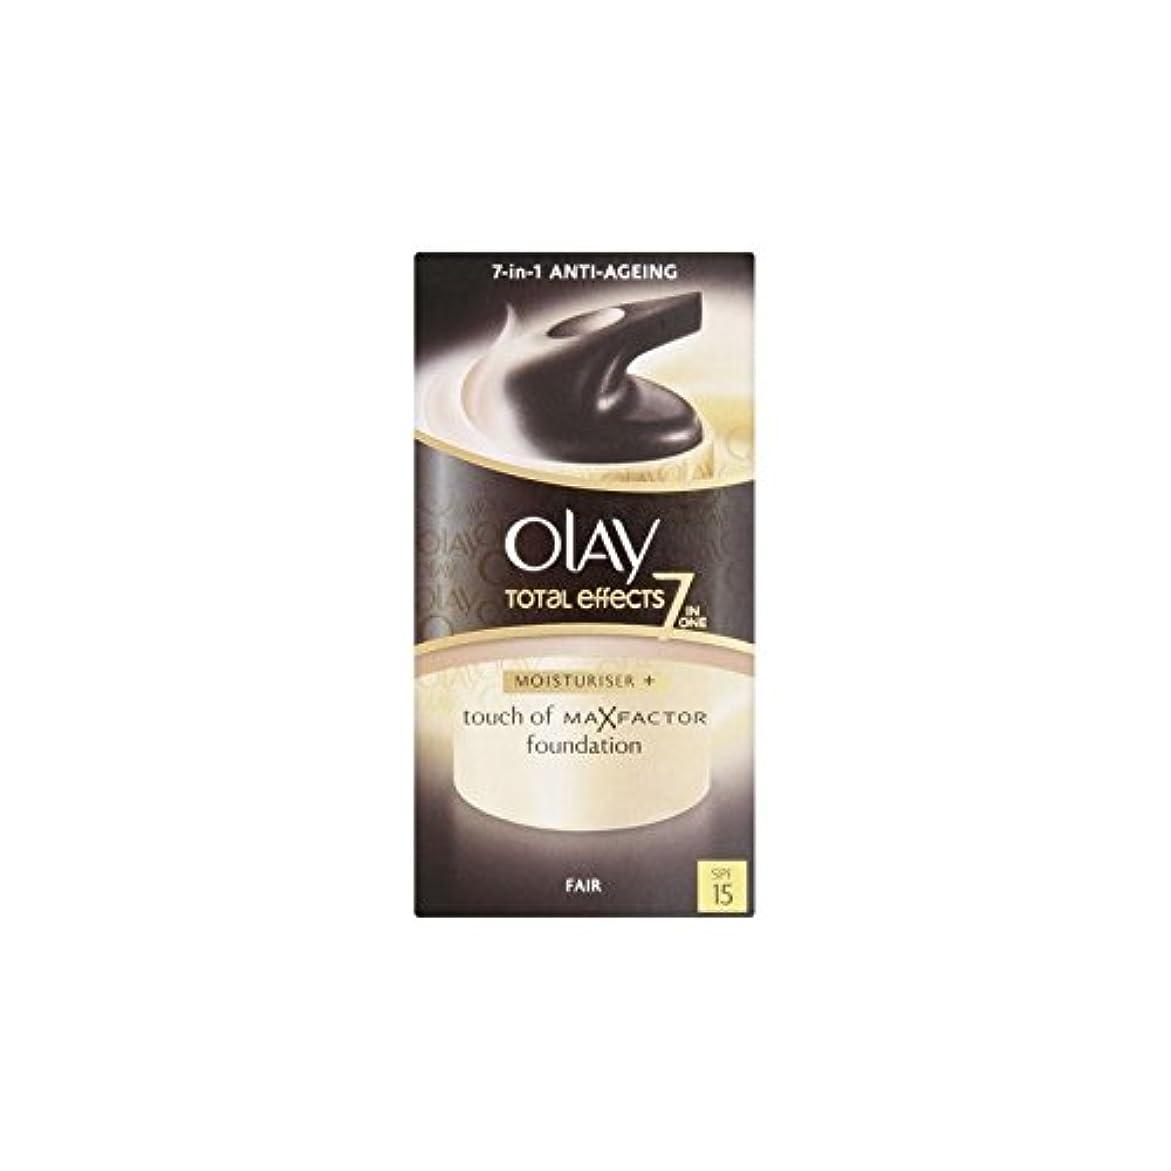 電話タイル指オーレイトータルエフェクト保湿クリーム15 - フェア(50ミリリットル) x2 - Olay Total Effects Moisturiser Bb Cream Spf15 - Fair (50ml) (Pack of...